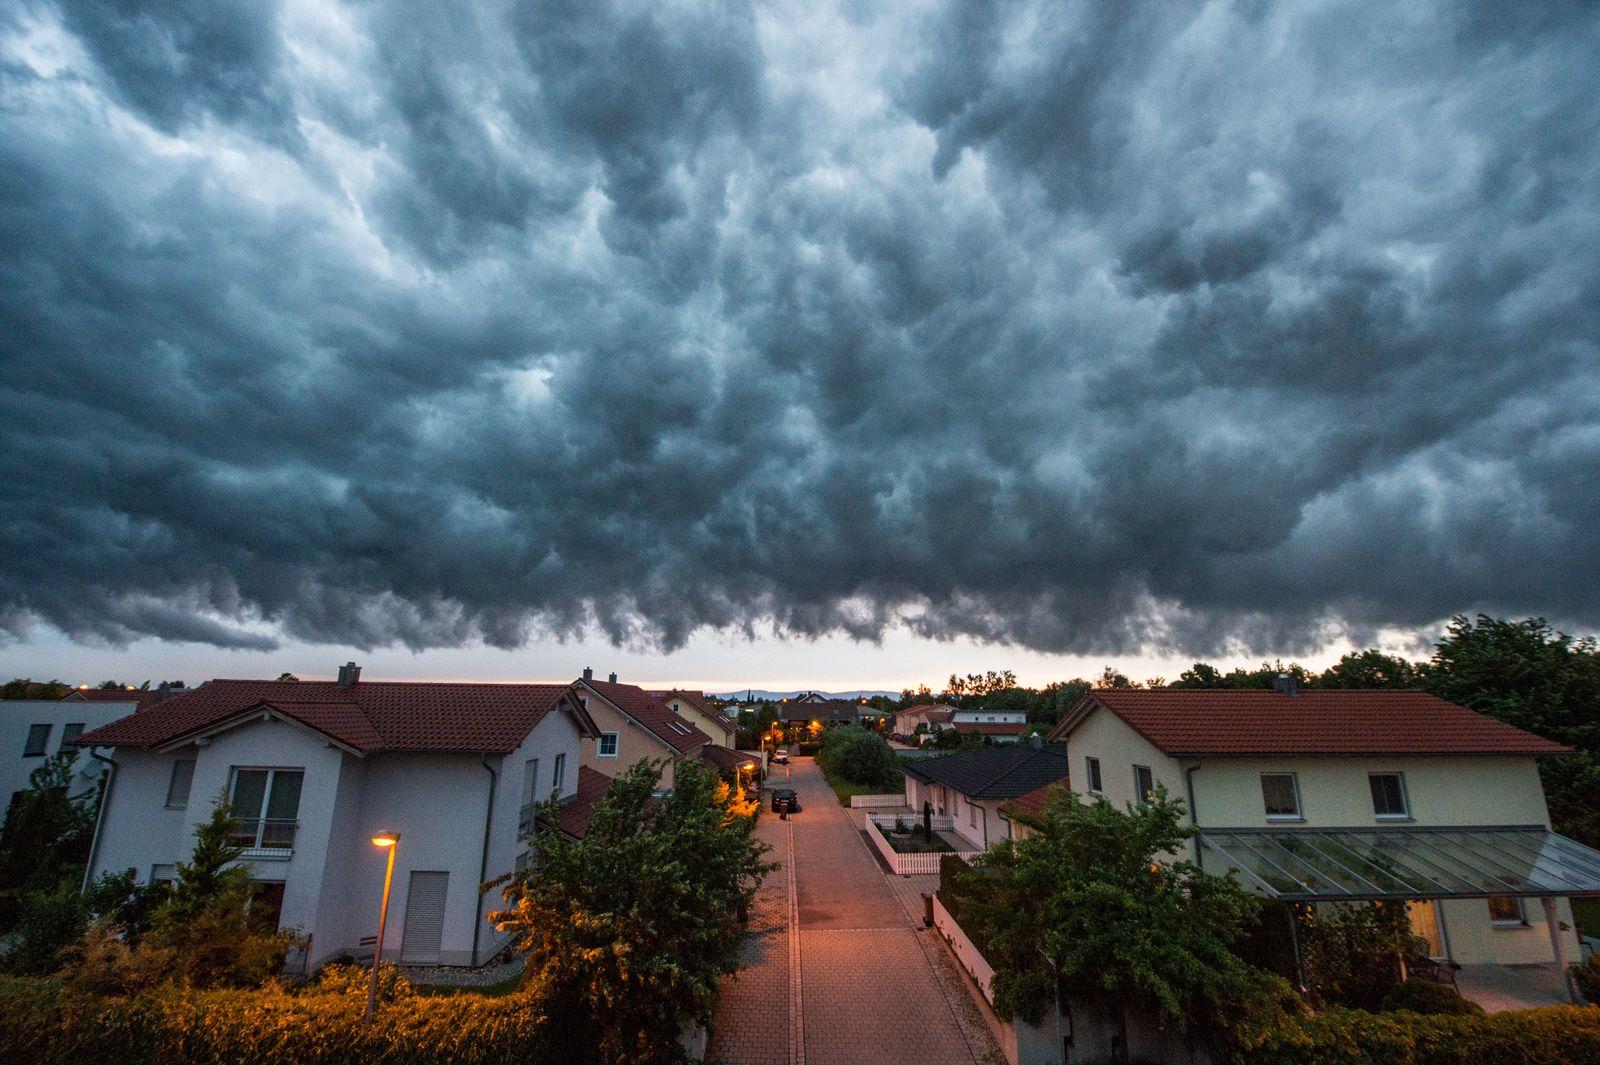 Gewitterwolken über Straubing / Unwetter